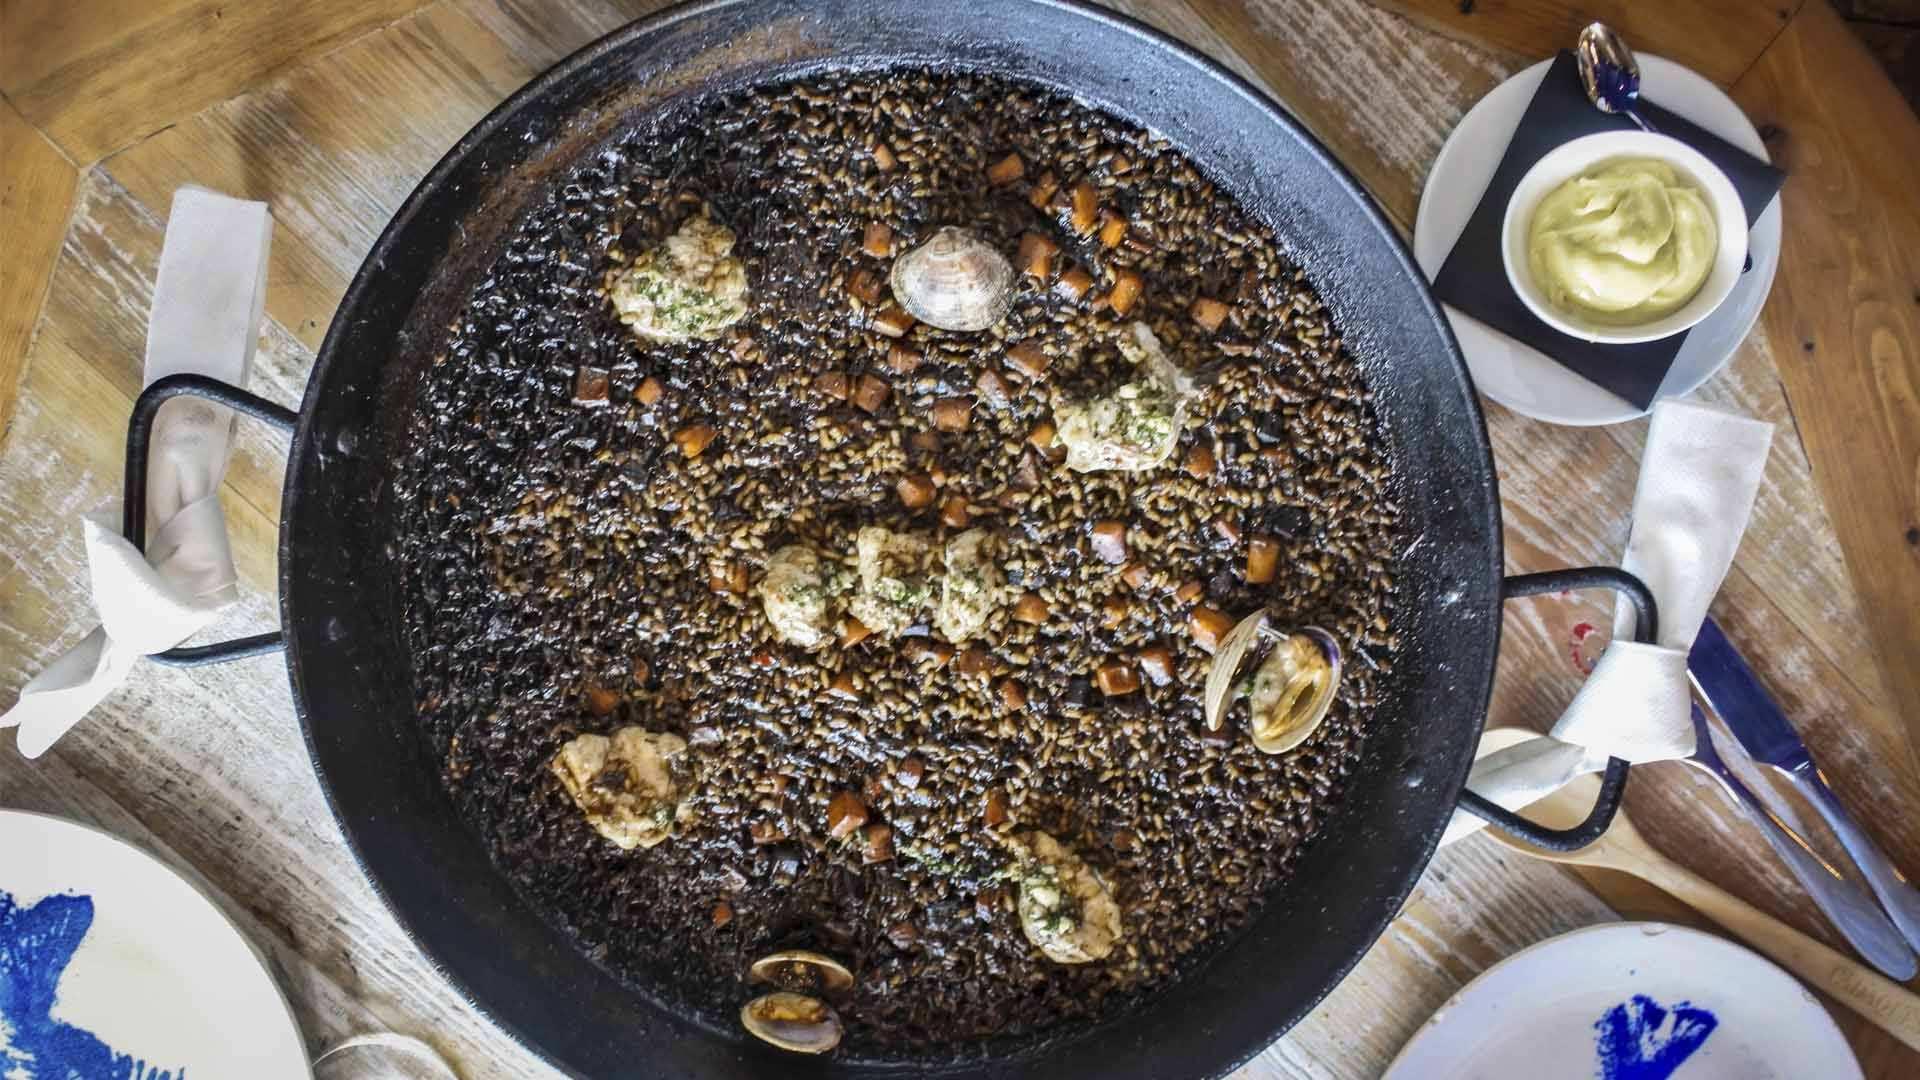 Restaurante Cadaqués, cocina con alma mediterránea